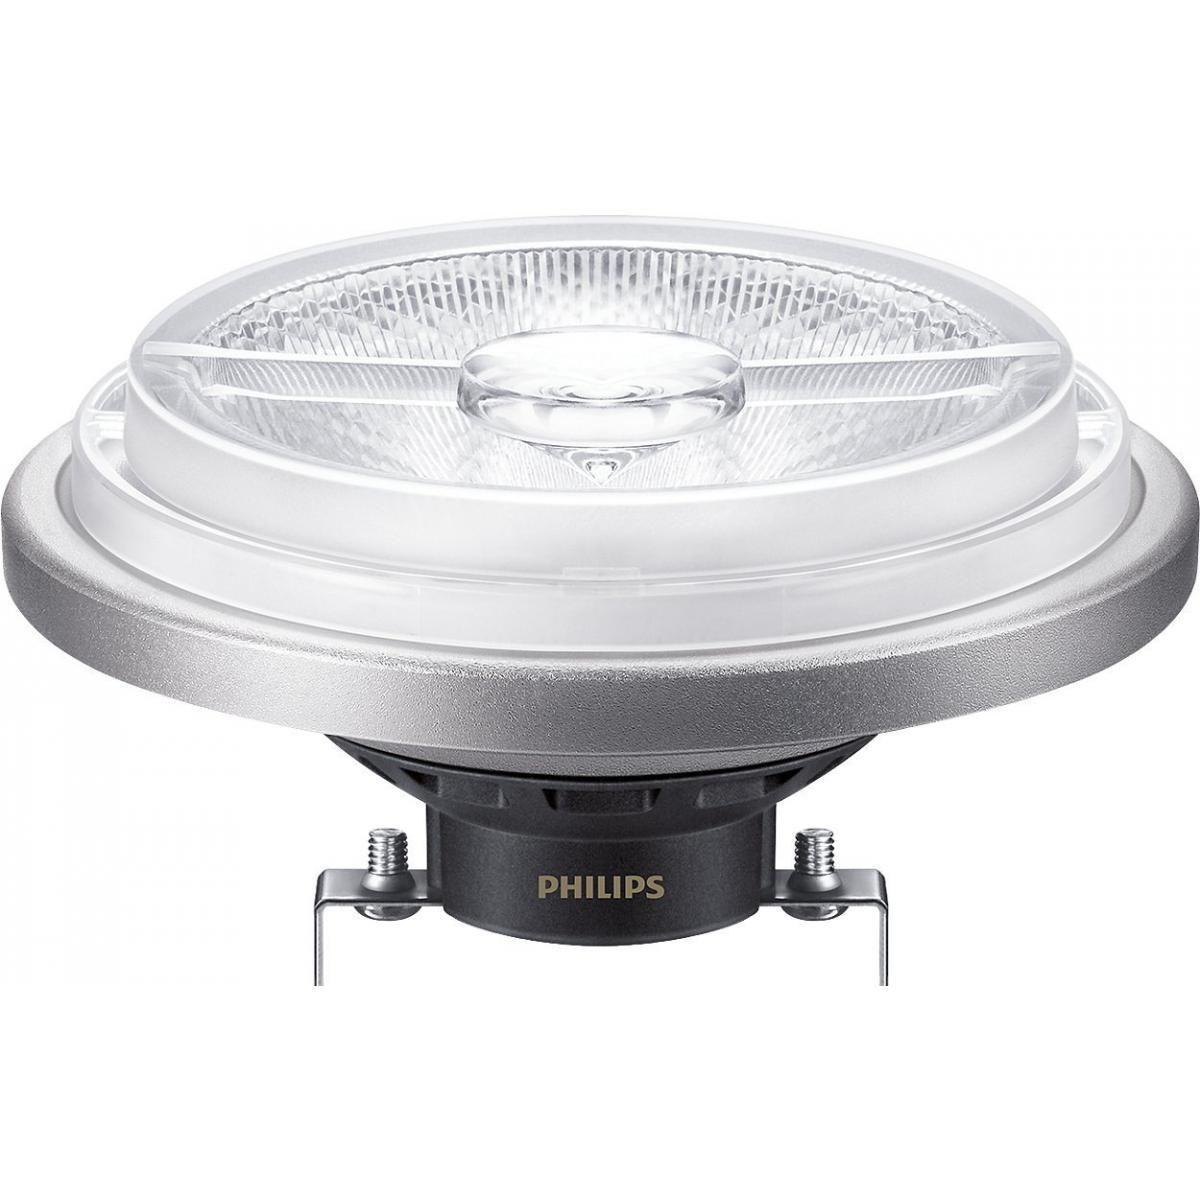 Master Ledspotlv Ar111 40 11w 930 12v G53 Light Bulb 12v Led Philips